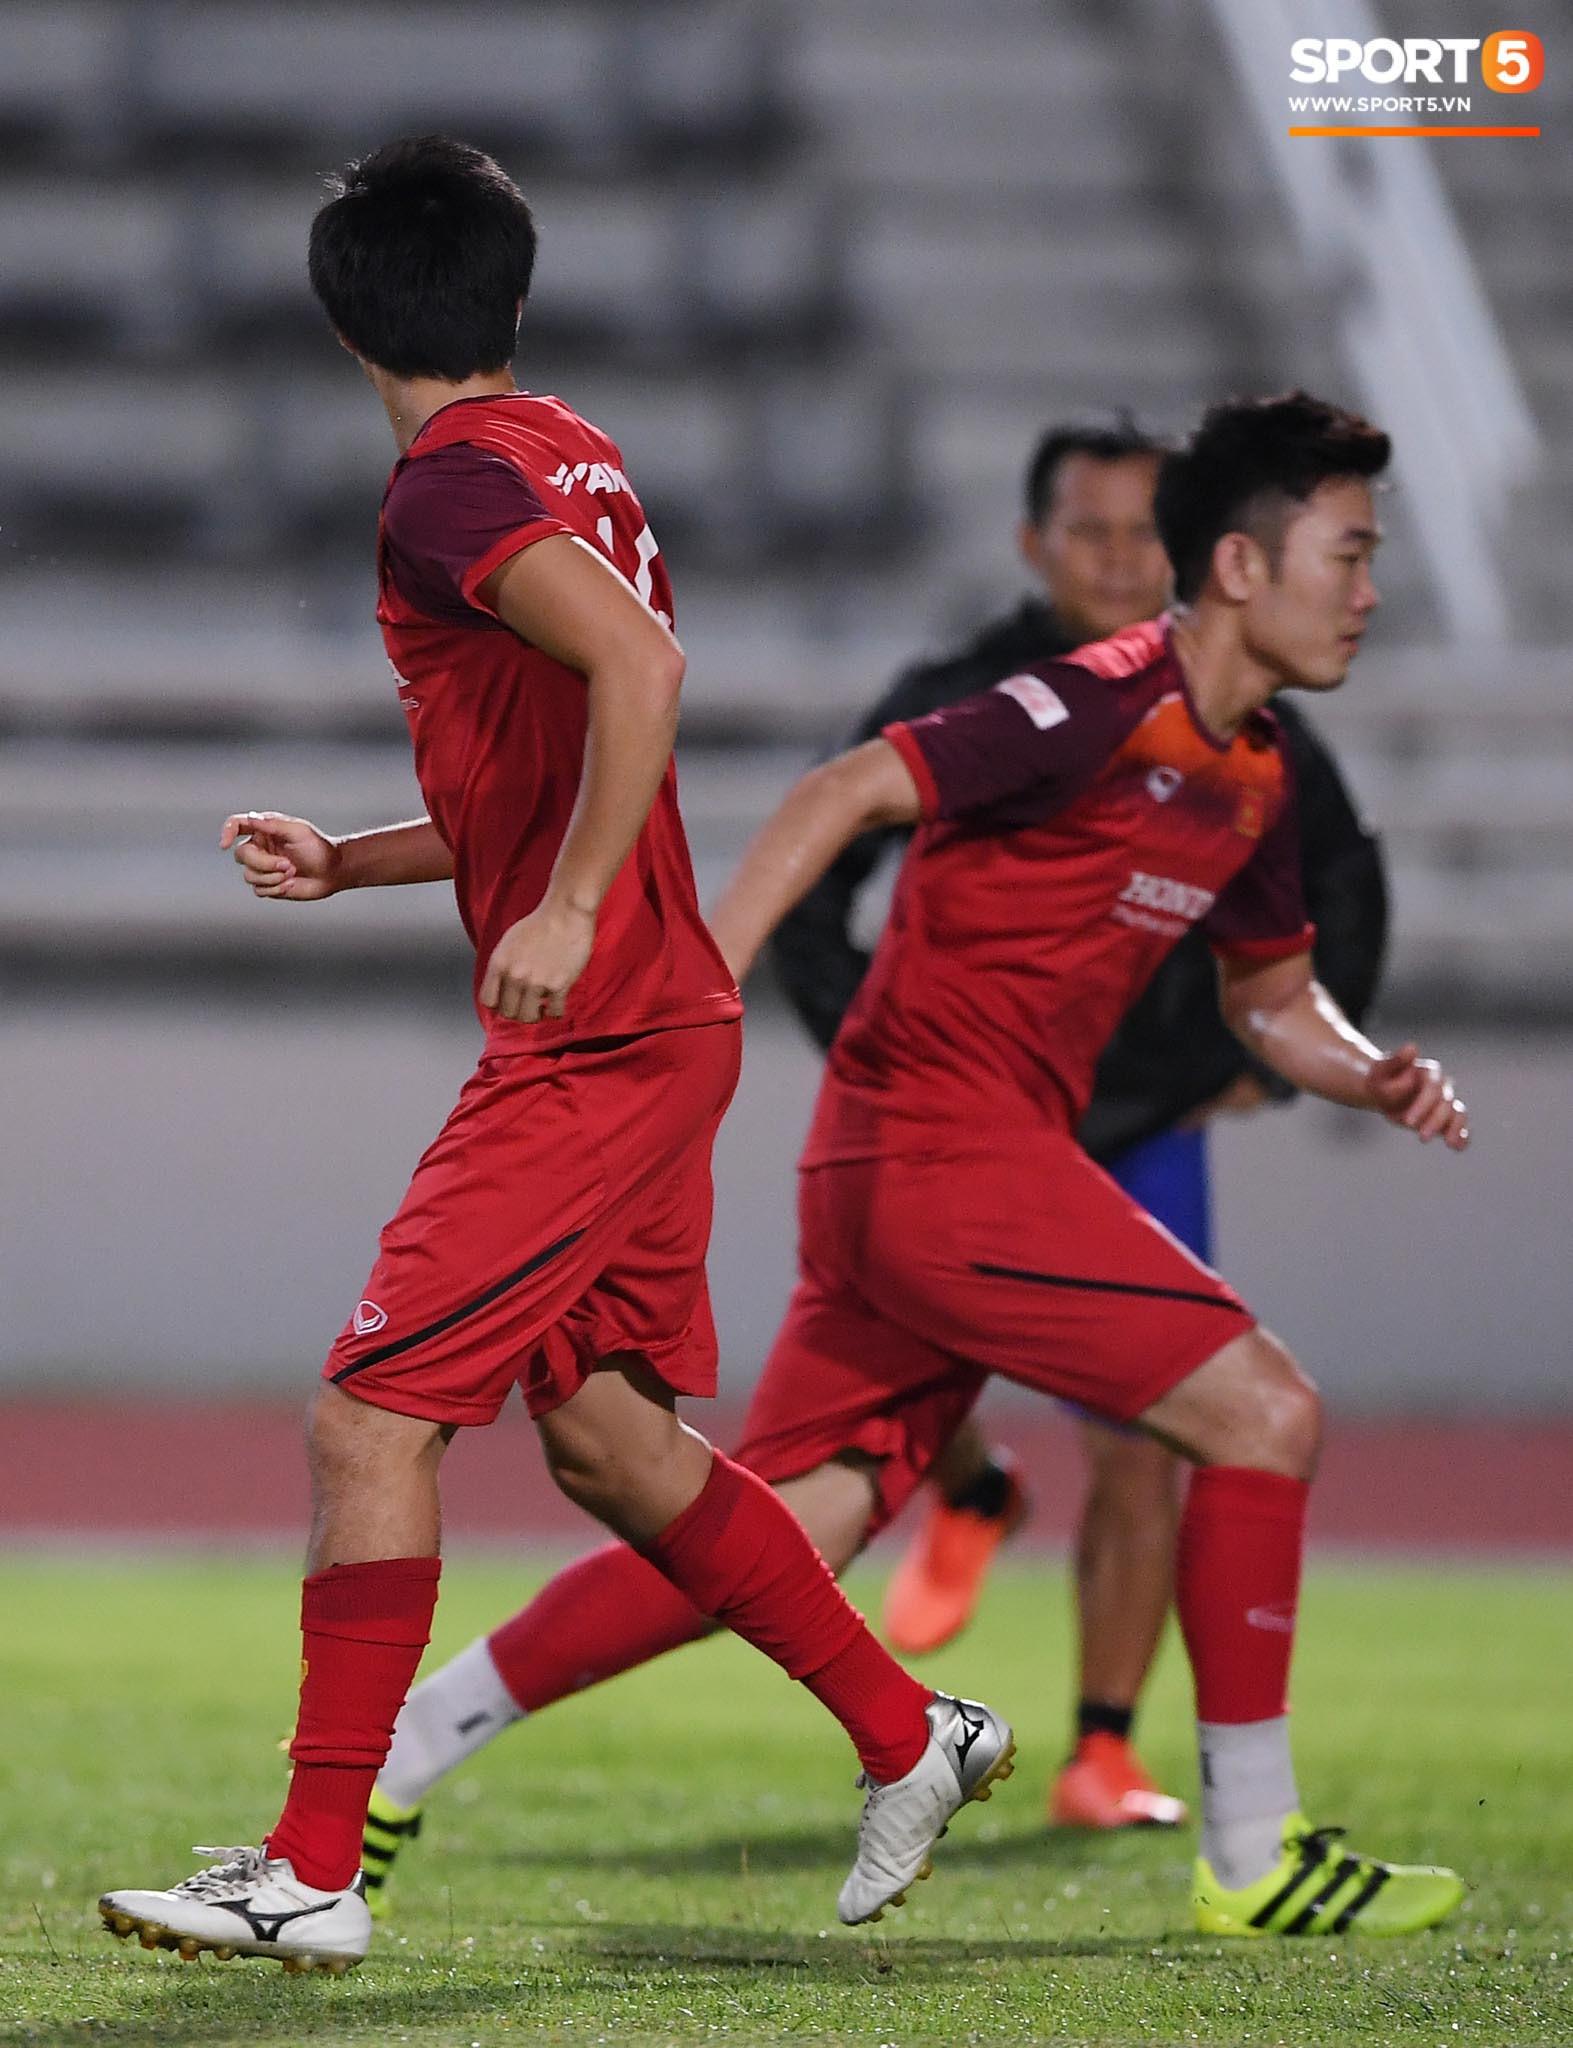 Xuân Trường trò chuyện không ngớt cùng Tuấn Anh, cặp tiền vệ tài hoa ngày nào của U19 Việt Nam chính thức tái hợp - Ảnh 4.